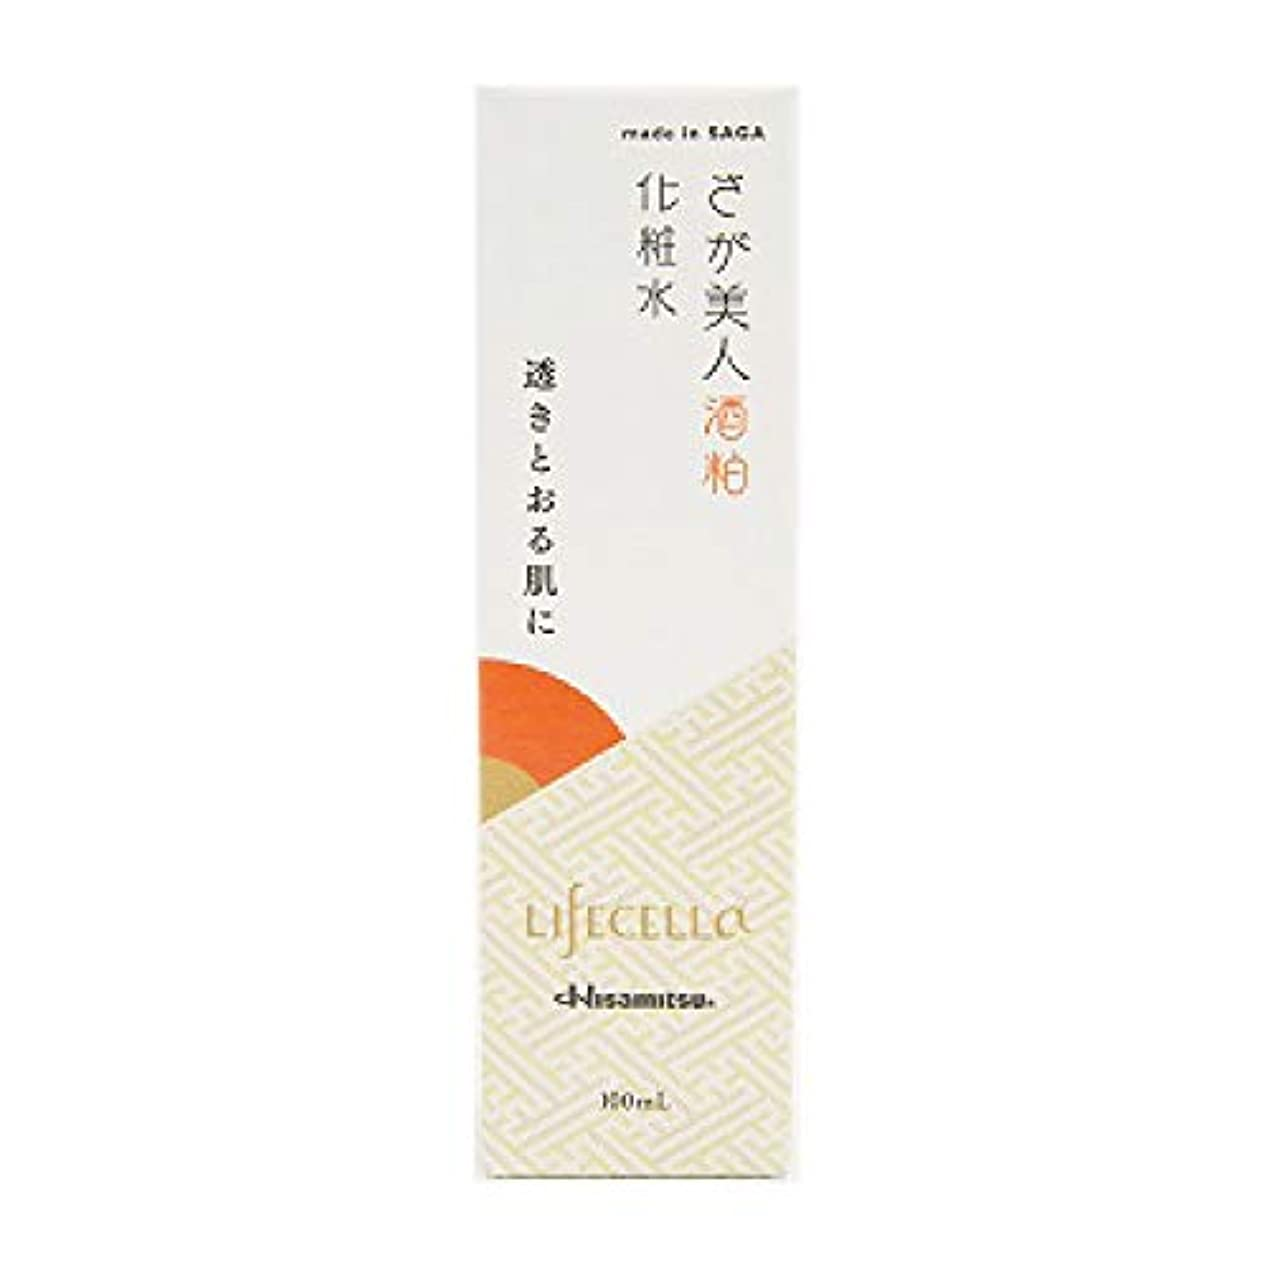 くしゃみ仕方本質的ではないさが美人 化粧水(酒粕) 久光製薬 さが 保湿 ご当地 コスメ